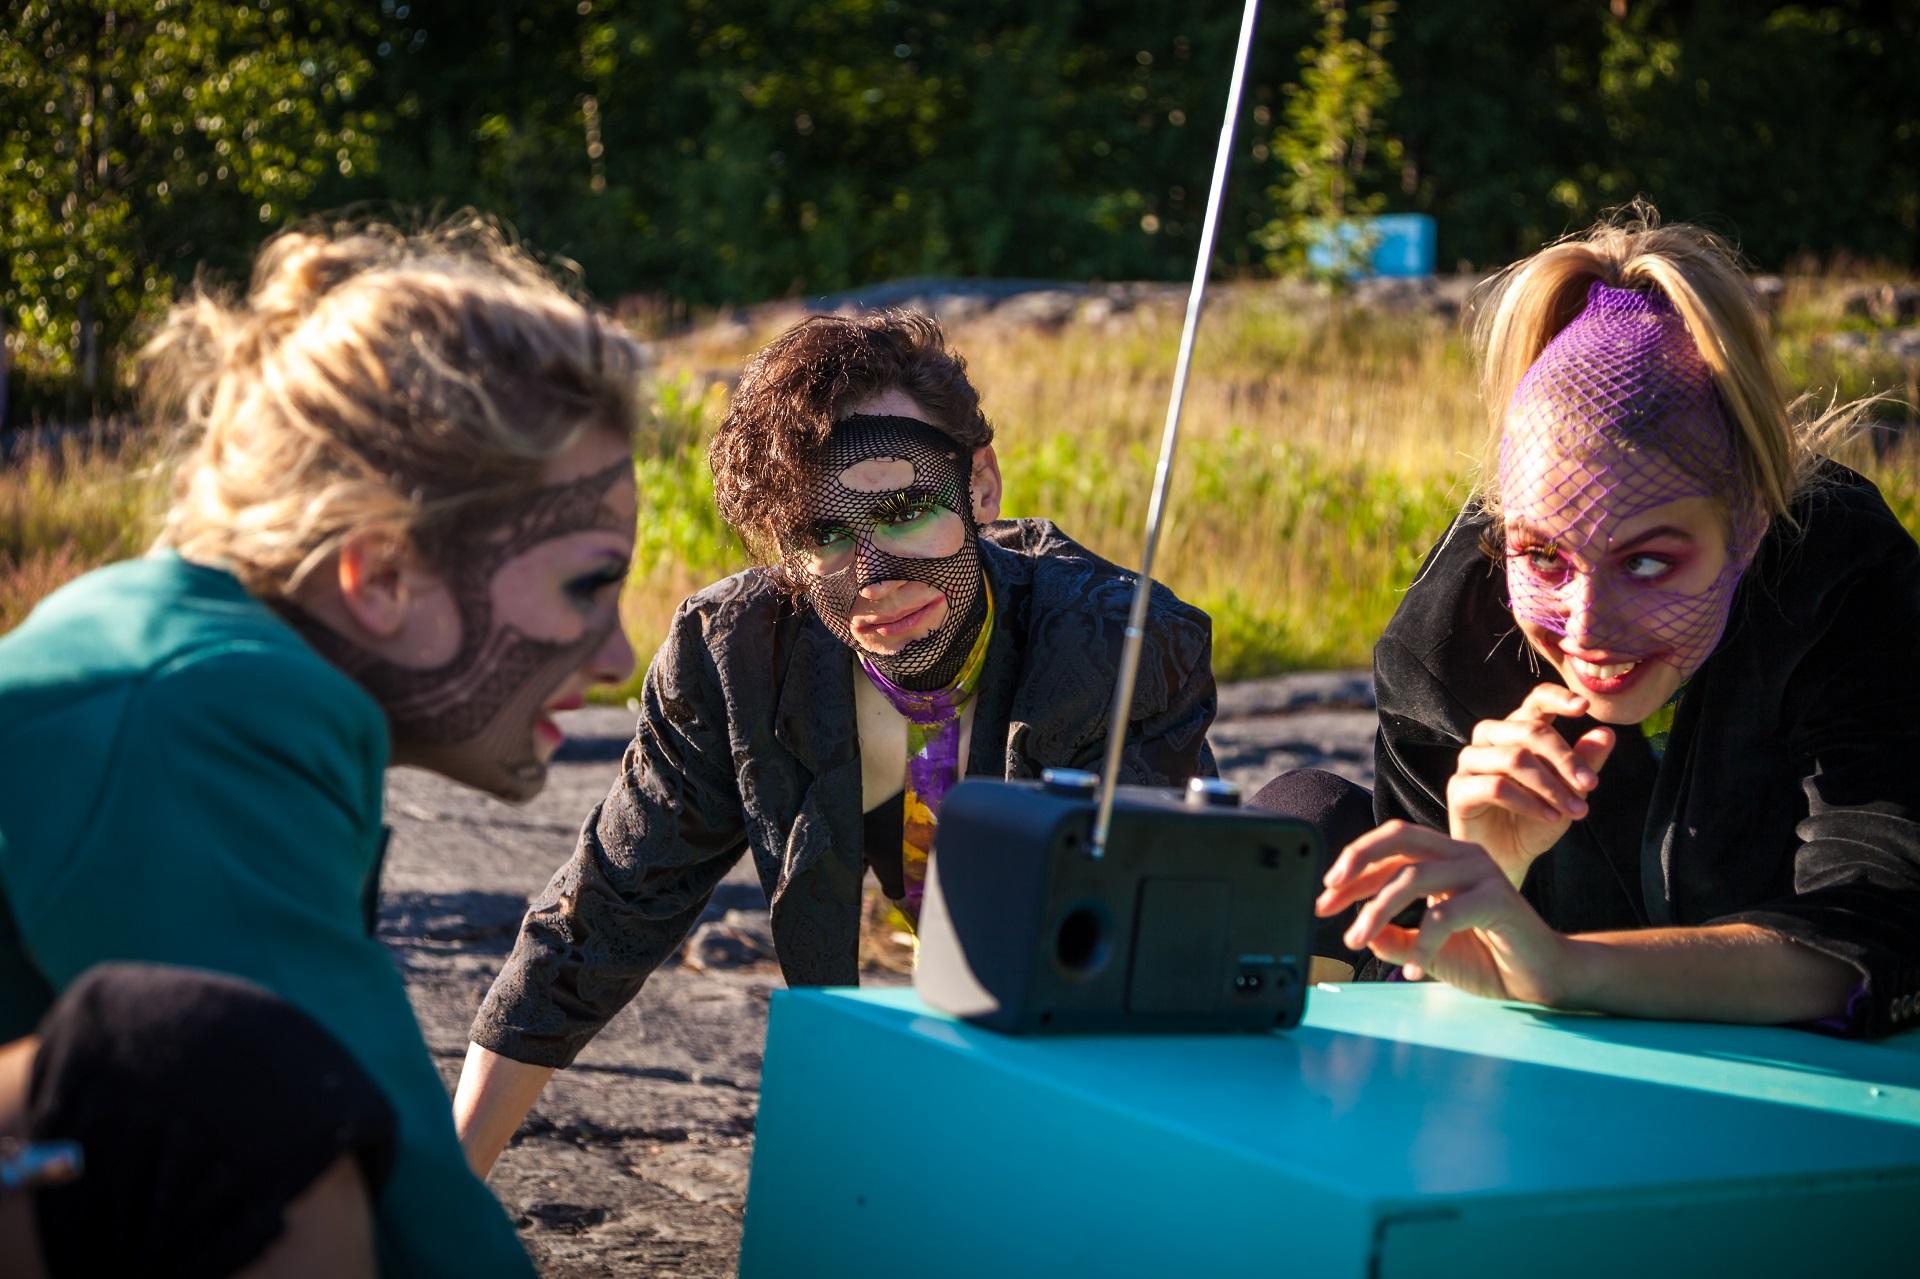 Ylioppilasteatterin kesän 2017 esitys Mustikkamaalla on immersiivinen Kesäyön uni. Kuvassa vasemmalta Ilana Palmgren, Deniz Kaya ja Reetta Koivukoski. Kuva: Veera Konsti